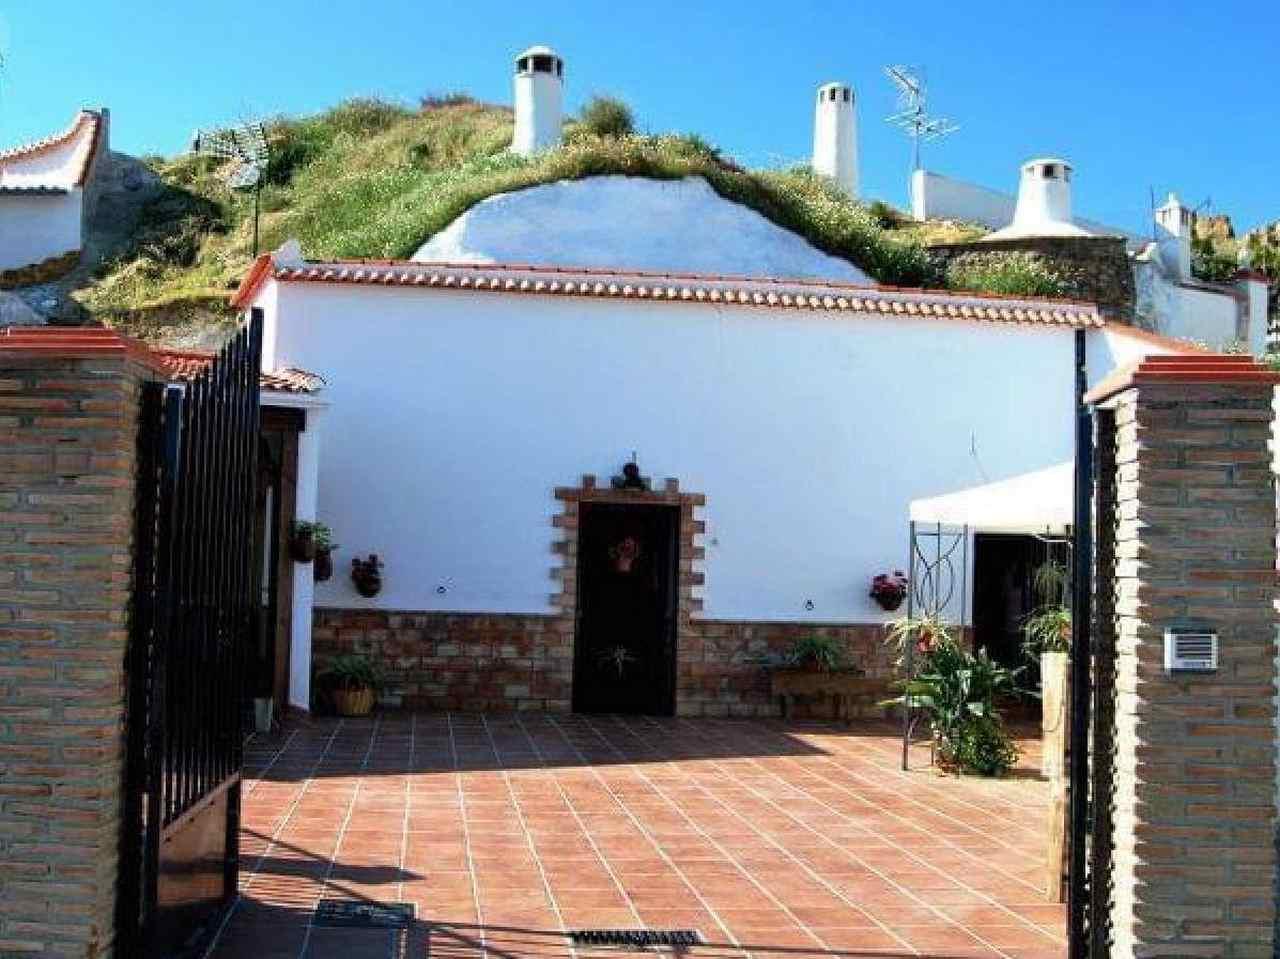 Alquiler vacaciones en Guadix, Granada